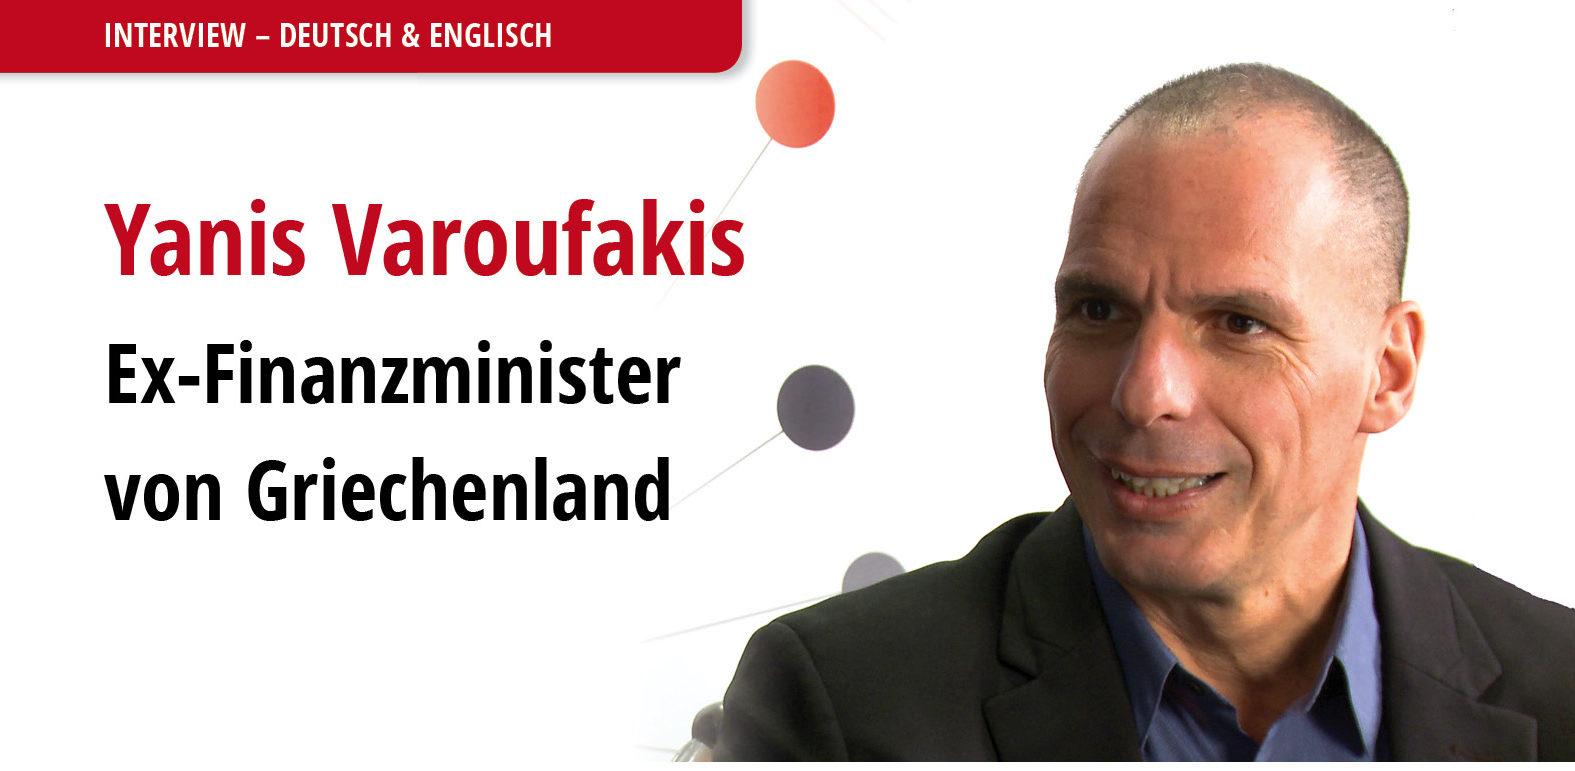 Yanis Varoufakis behauptet, die SPD wird bald in Umfragewerten unter der AfD liegen   acTVism